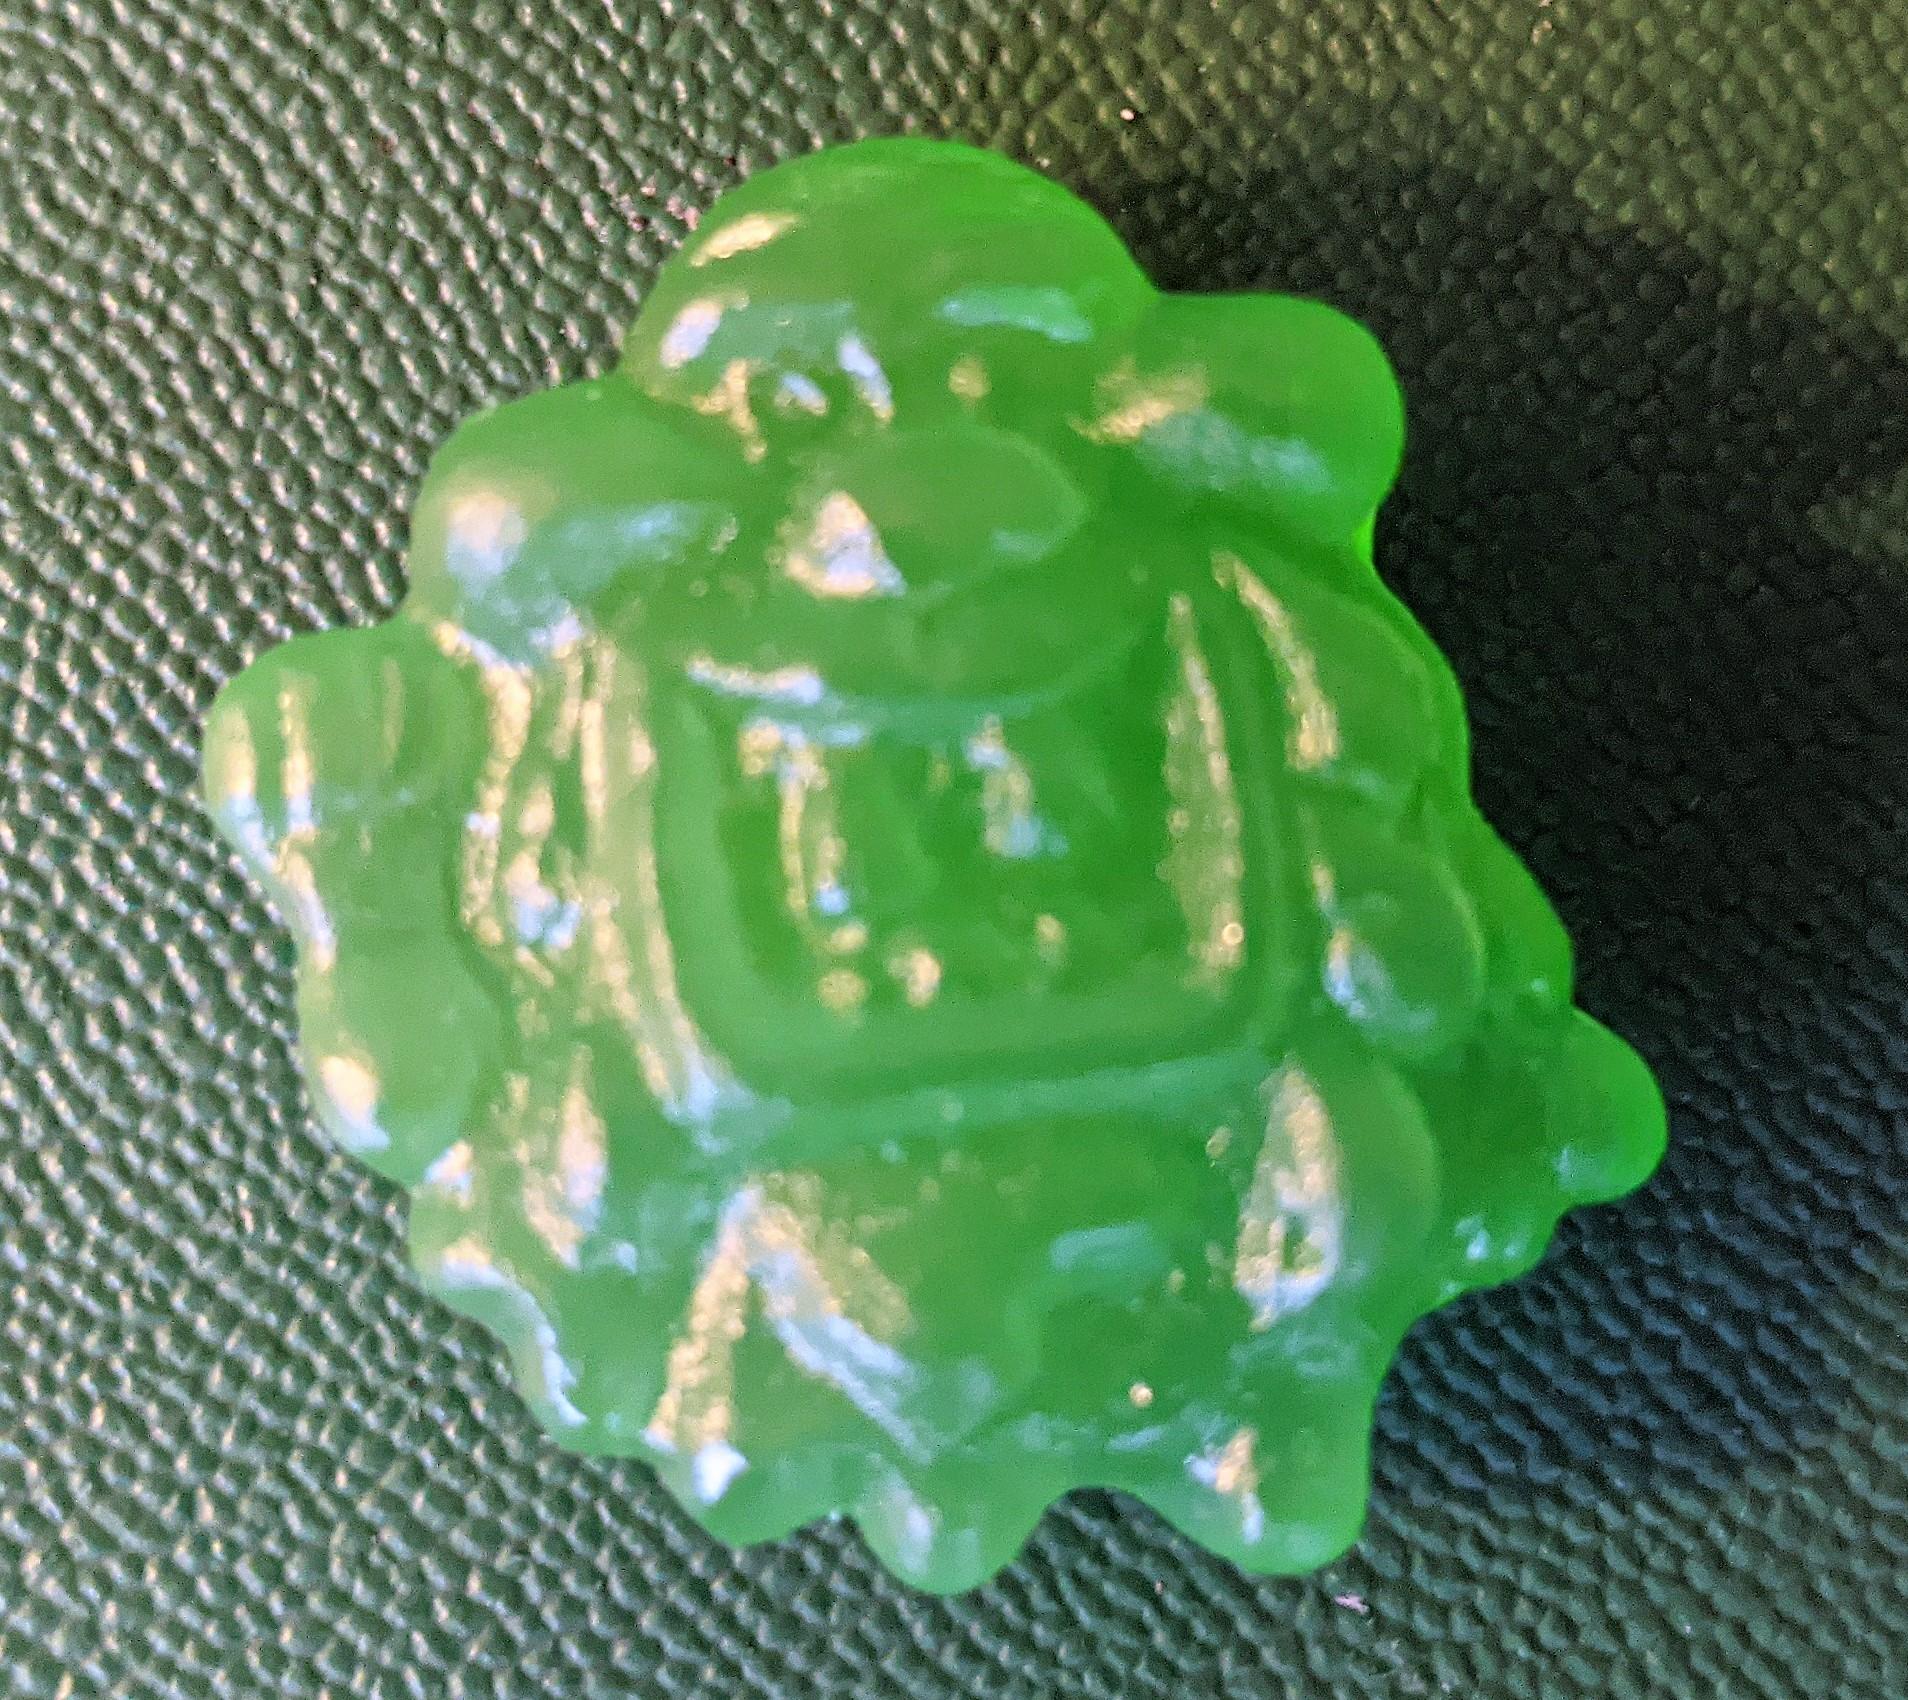 Gummy Slimer